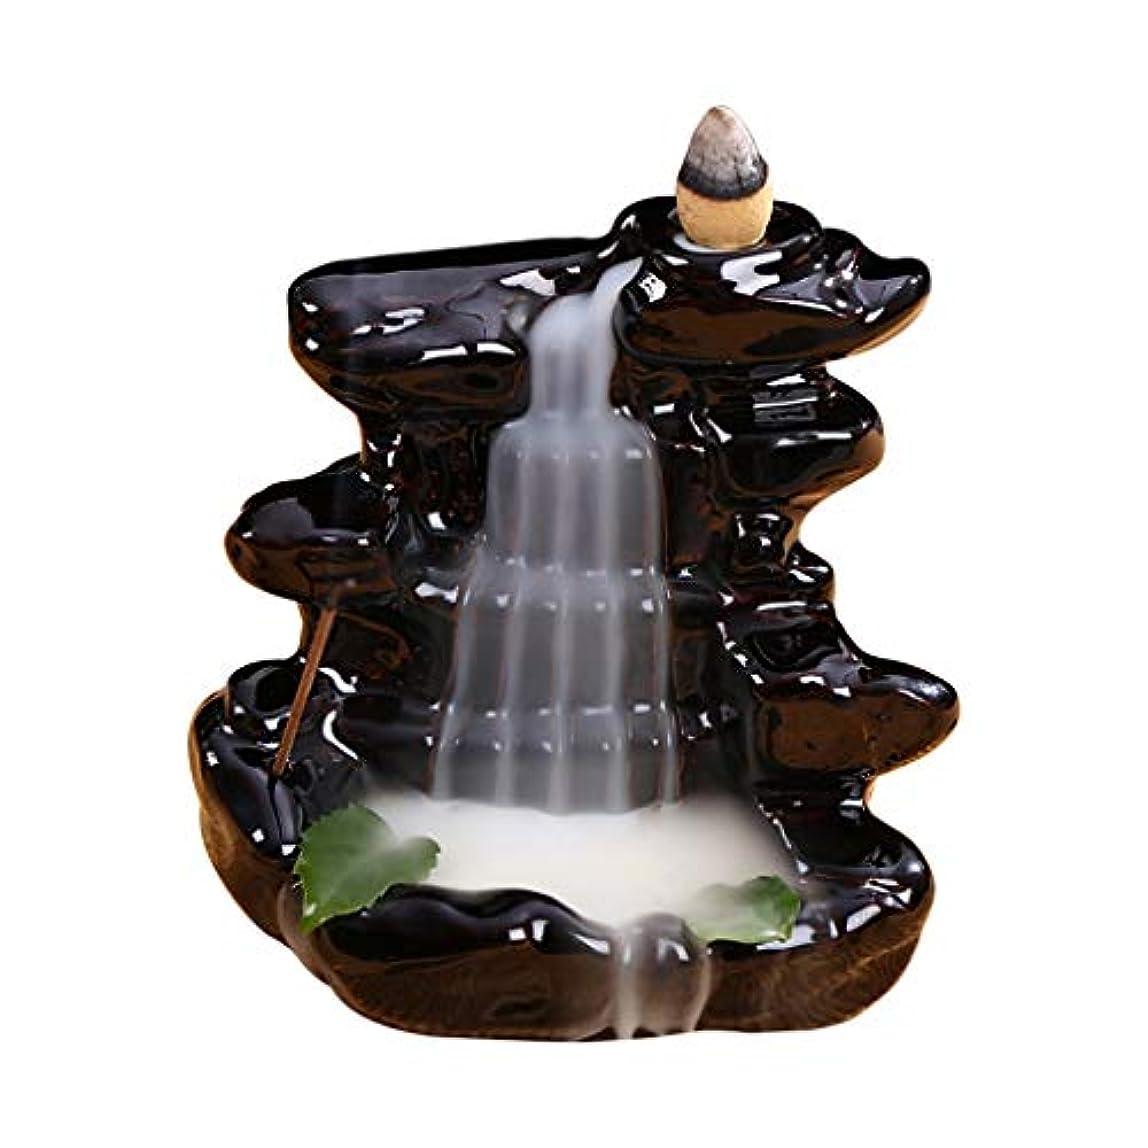 関係する不良品水クリエイティブ家の装飾逆流スティック香バーナーセラミック香炉家の装飾使用家茶屋滝香ホルダー (Color : Black, サイズ : 4.33*4.44 inches)